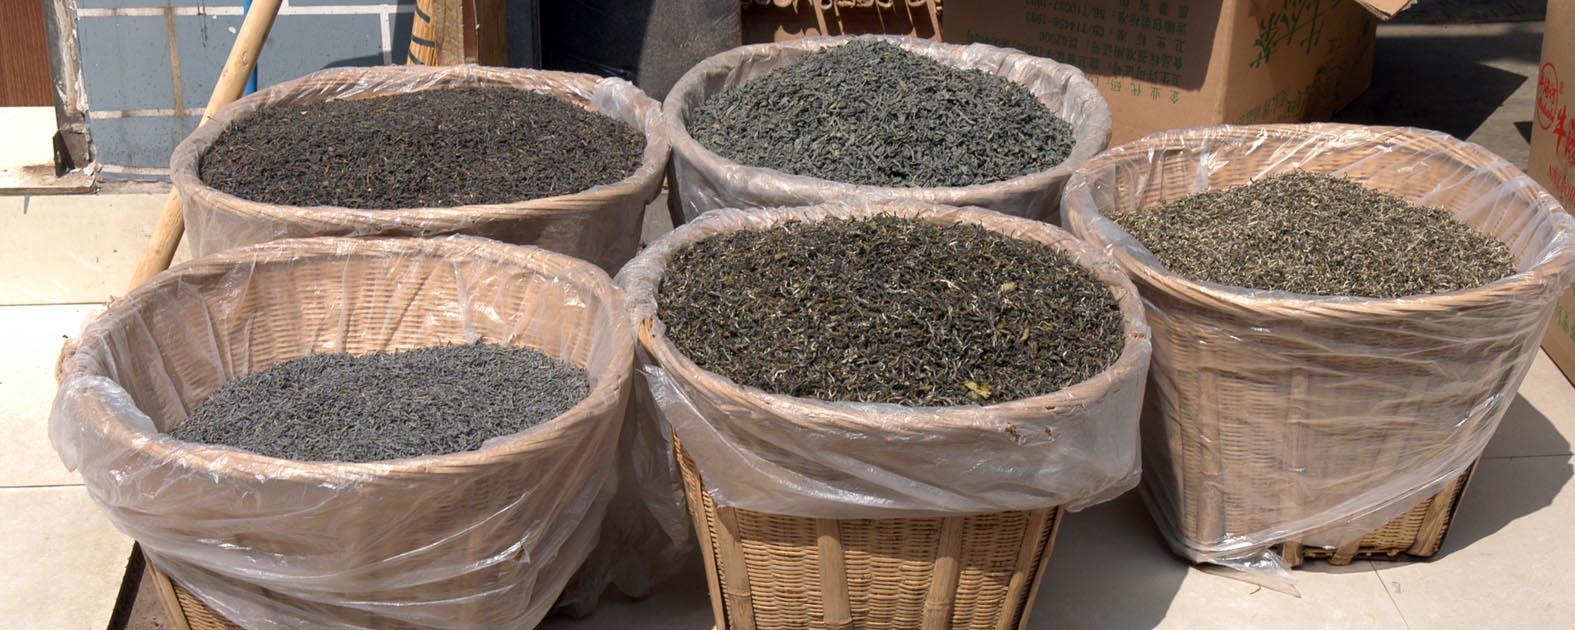 Kunming Tea Market